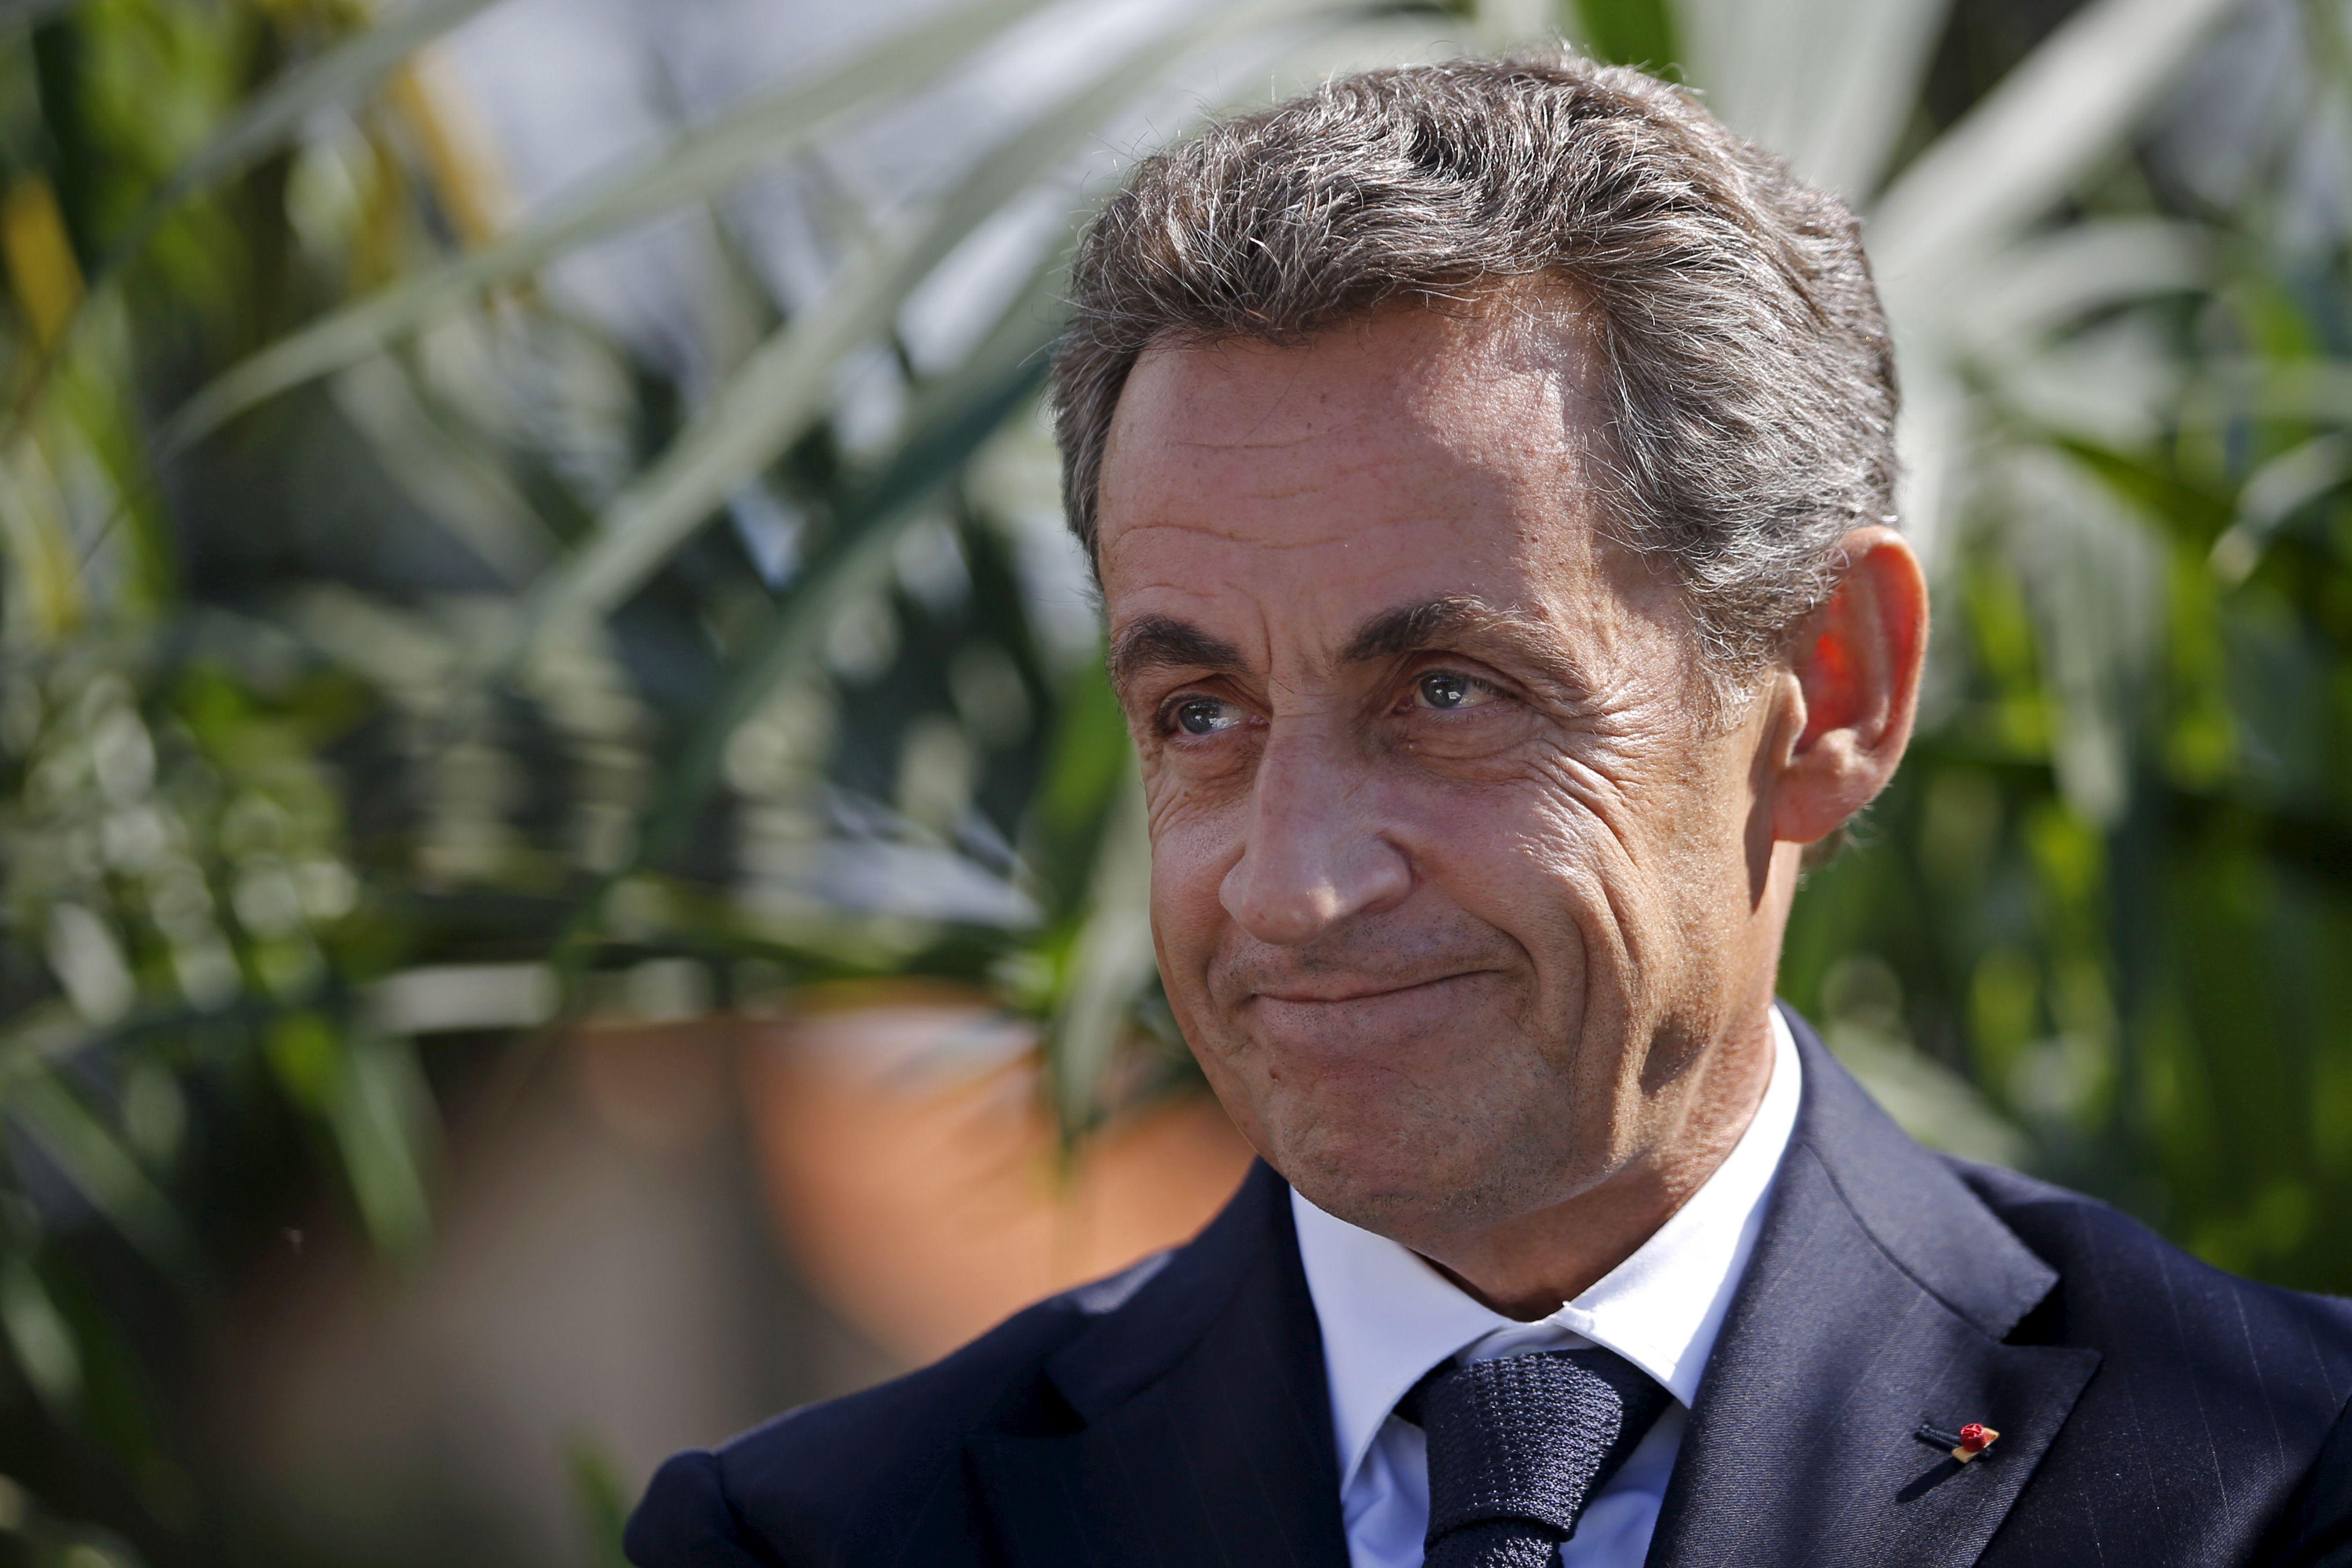 Sondage: Nicolas Sarkozy devancé par Marine Le Pen et François Hollande sur la question des réfugiés